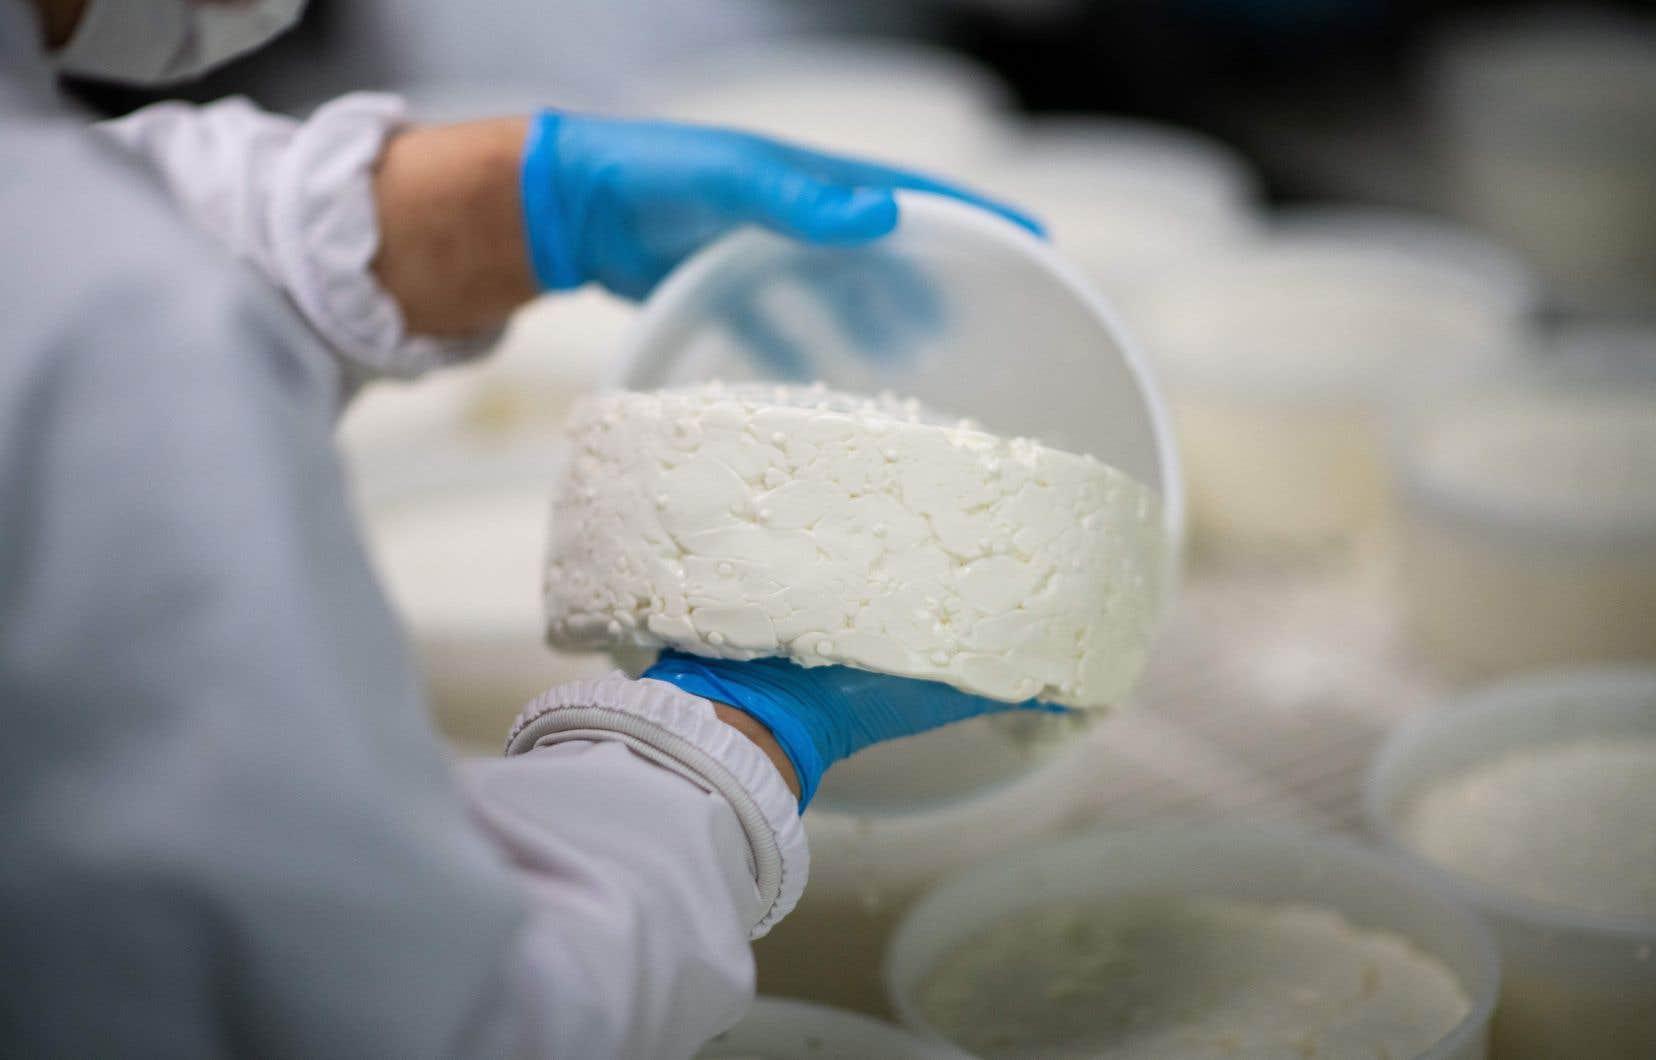 Les bactéries sont indispensables à la vie et ne sont pas toutes à exterminer. Par exemple, sans bactéries, pas de fromage. Mais ces bactéries ont des ennemis: des virus, dont le seul but est de les anéantir.